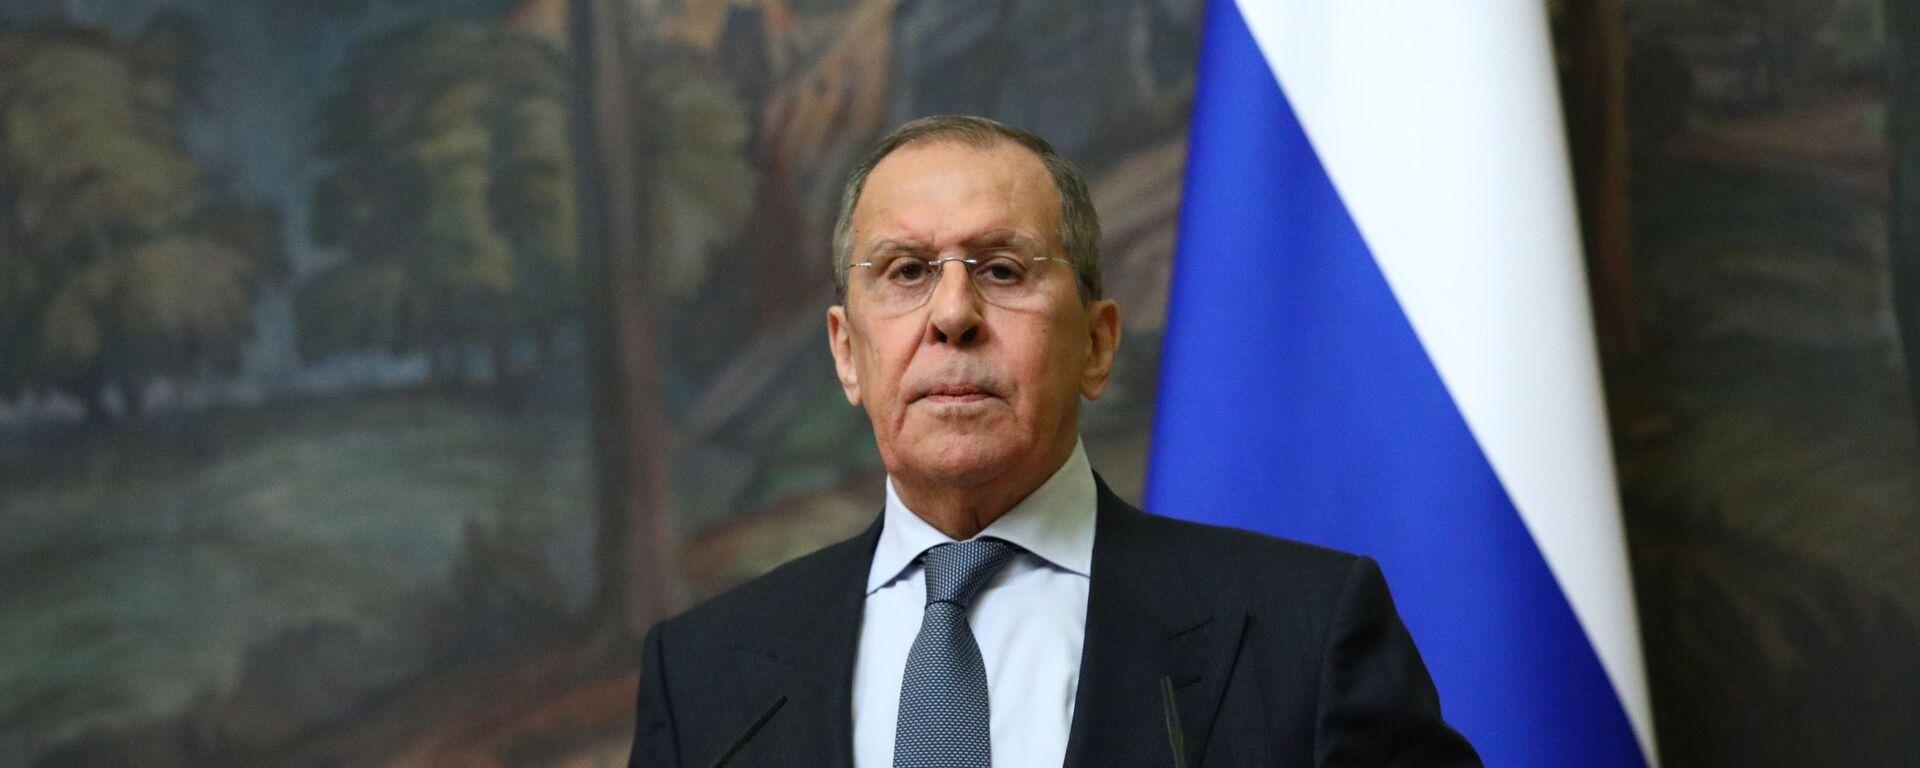 Министр иностранных дел РФ Сергей Лавров - Sputnik Таджикистан, 1920, 12.07.2021